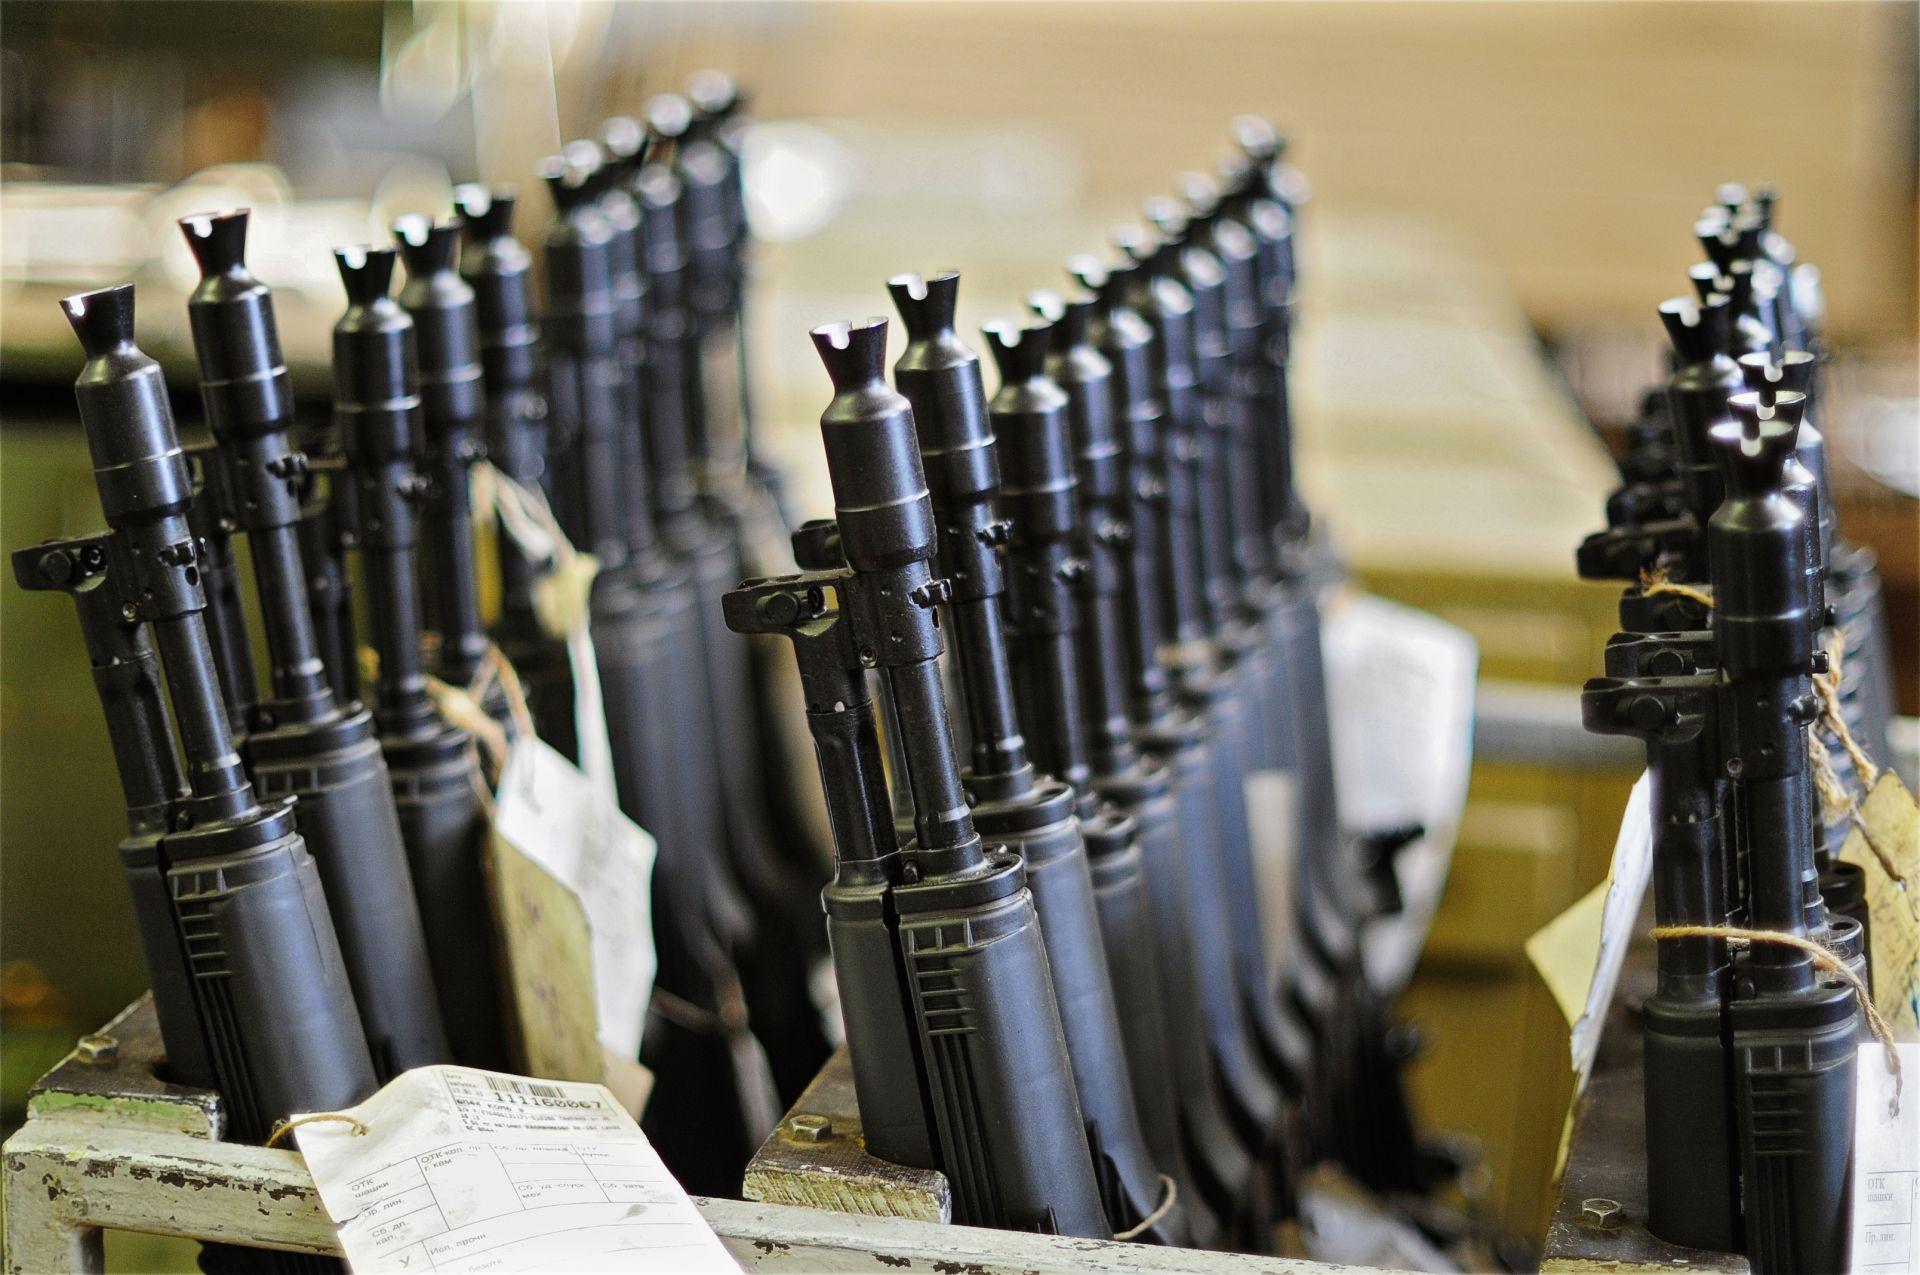 """3/10. Puška AK-47, čija je masovna proizvodnja započeta u iževskoj fabrici, predstavljala je potpuno novu generaciju oružja. Automat """"Kalašnjikov"""" (AK-47) uvršten je među najznačajnije pronalaske 20. veka"""